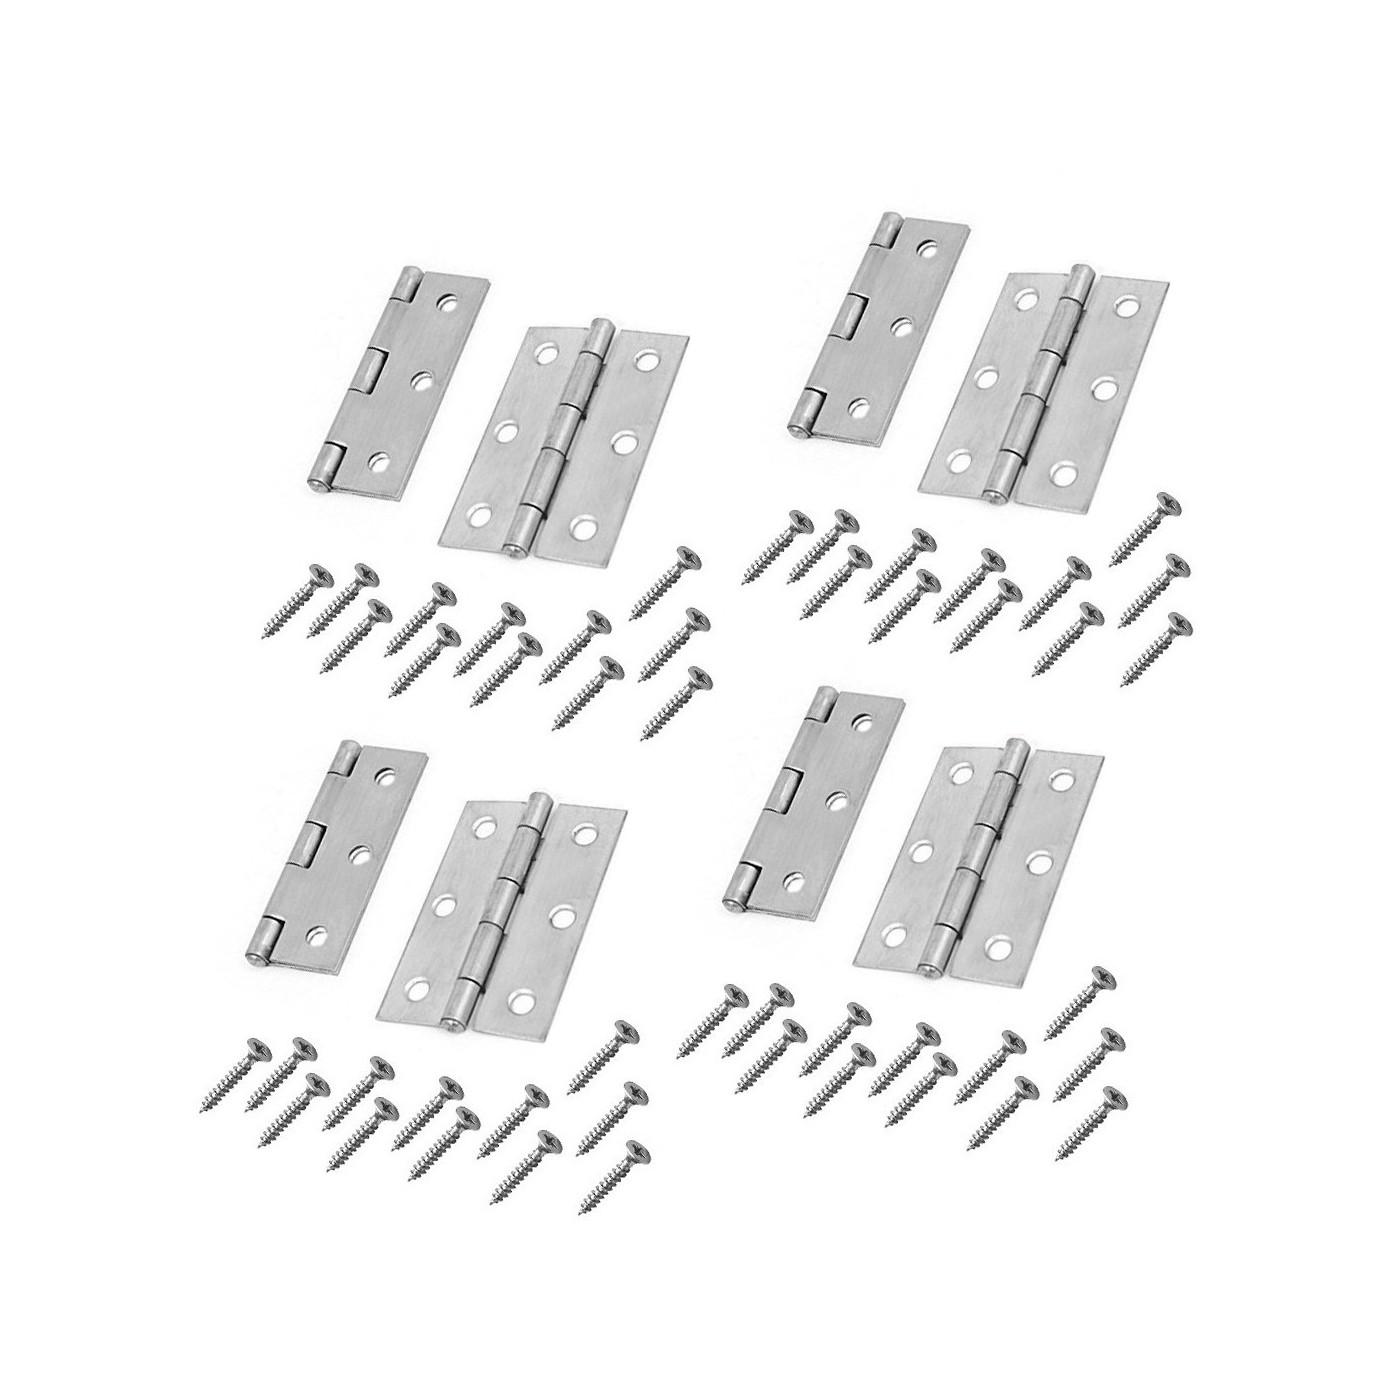 Zestaw 8 metalowych zawiasów w kolorze srebrnym (76x45 mm)  - 1